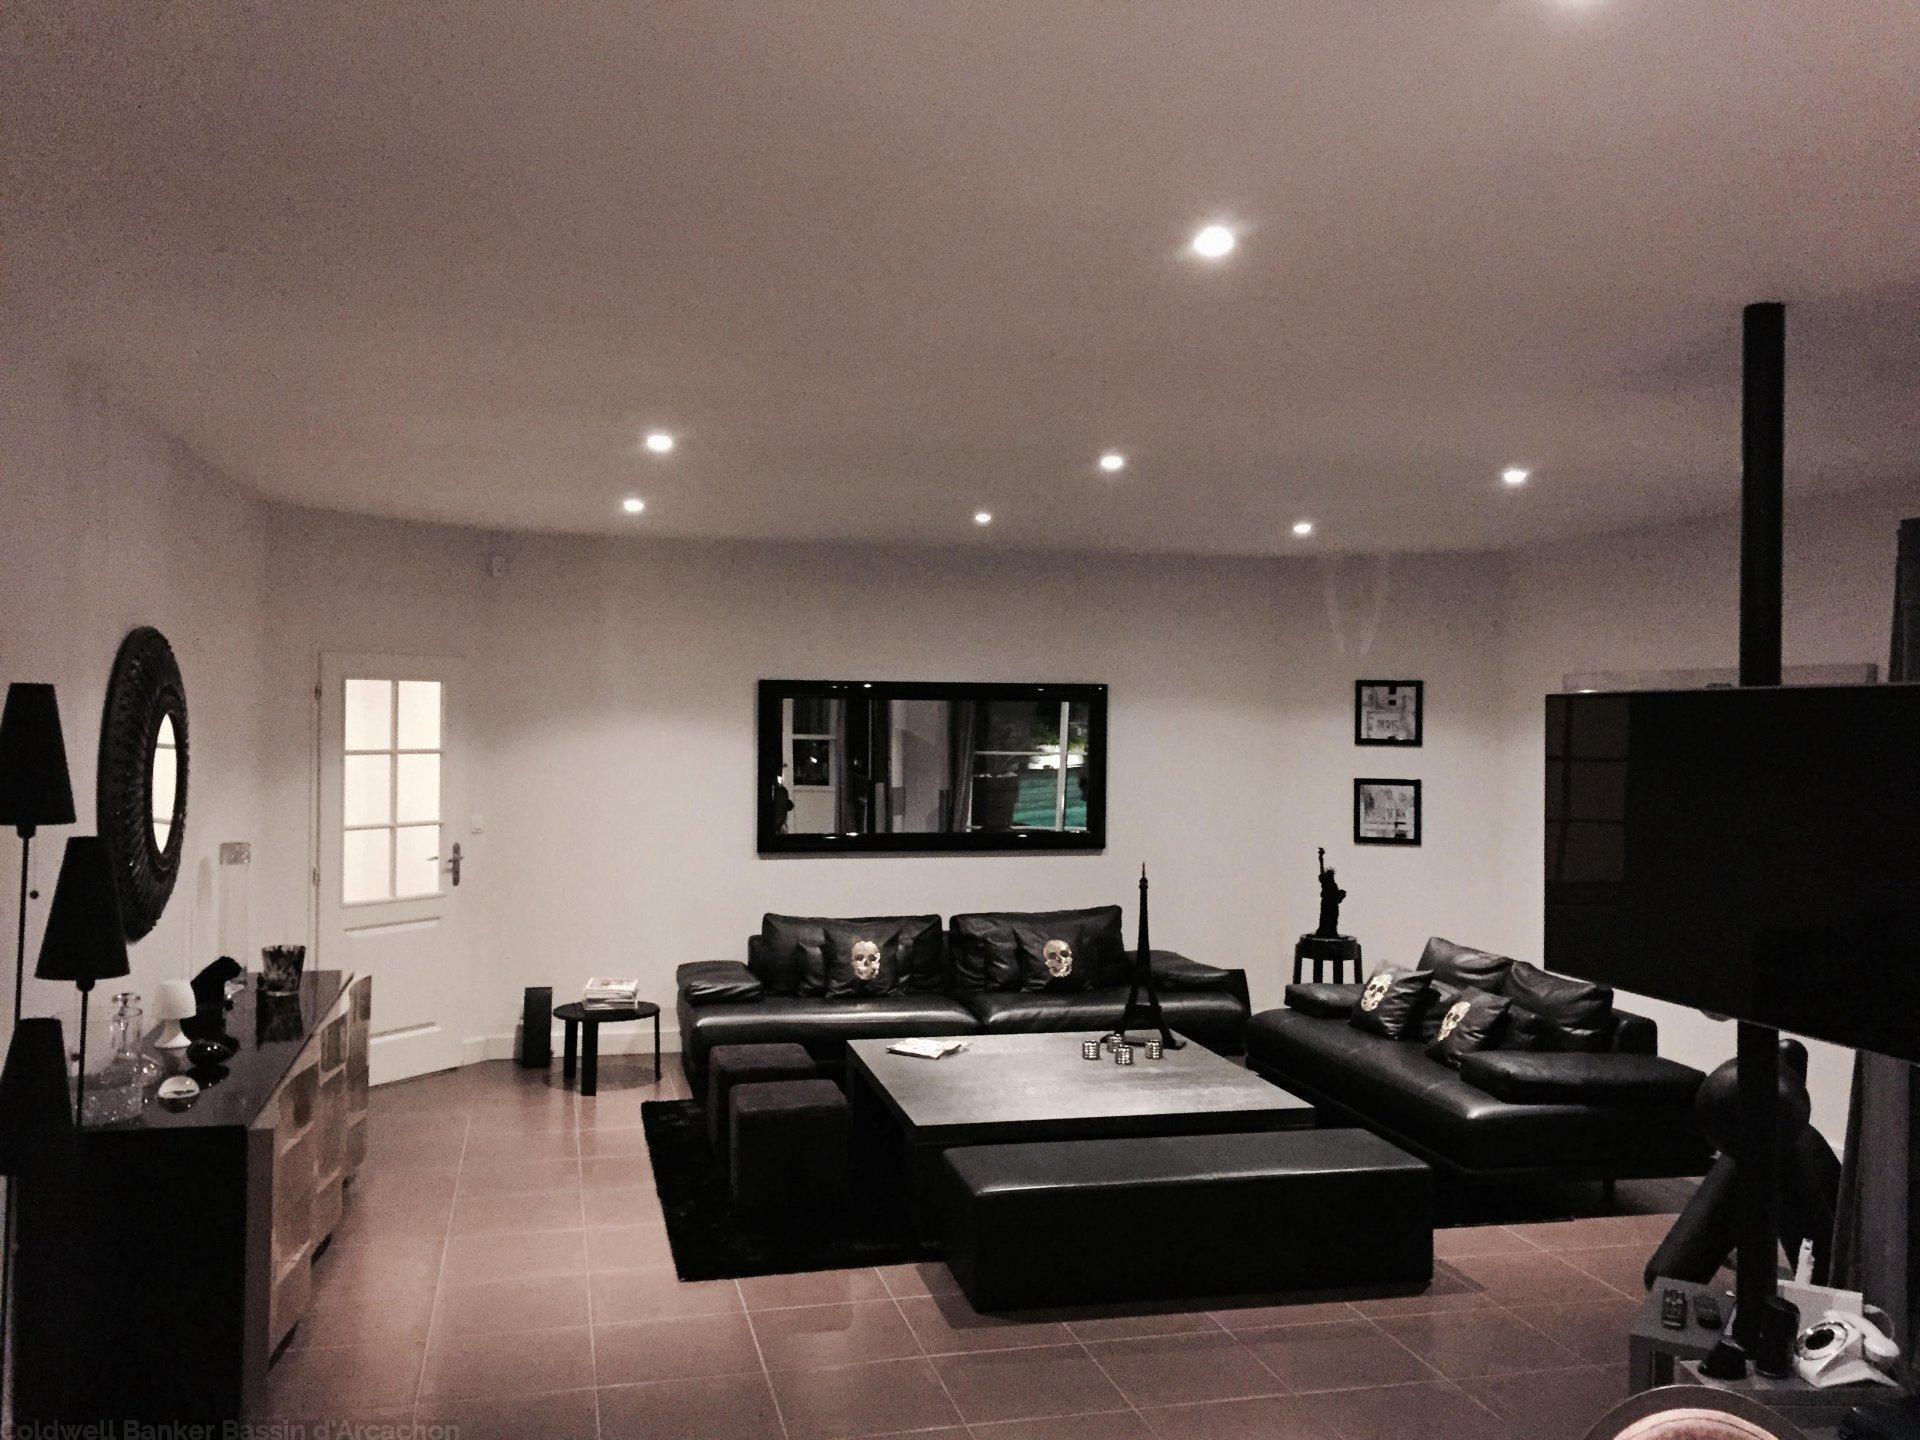 Achat maison contemporaine avec piscine 4 chambres avec garage proche bordeaux mérignac